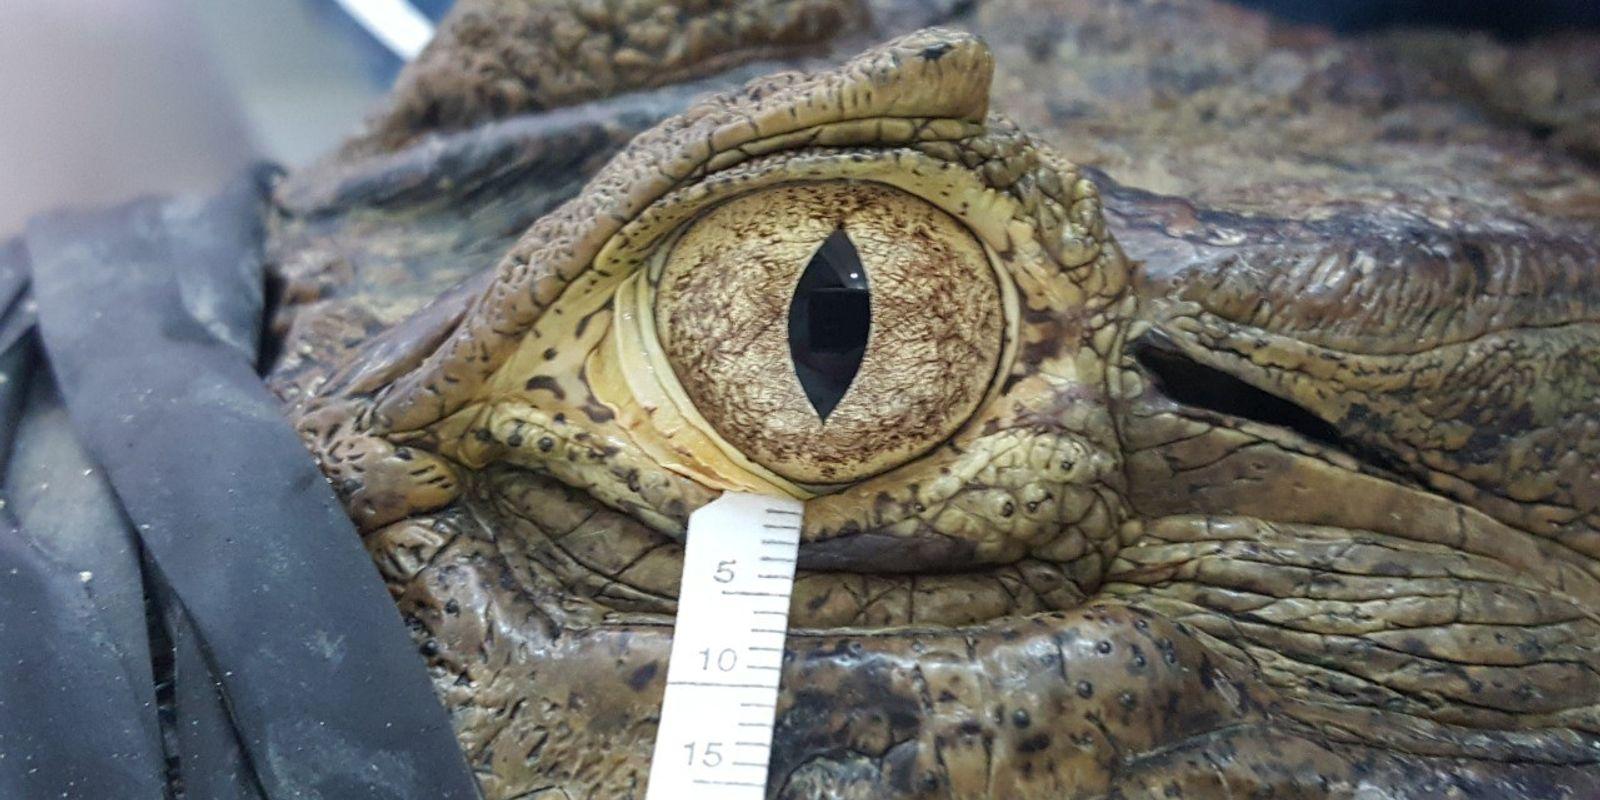 """""""Krokodilstränen"""" sind menschlichen Tränen ähnlicher als gedacht"""